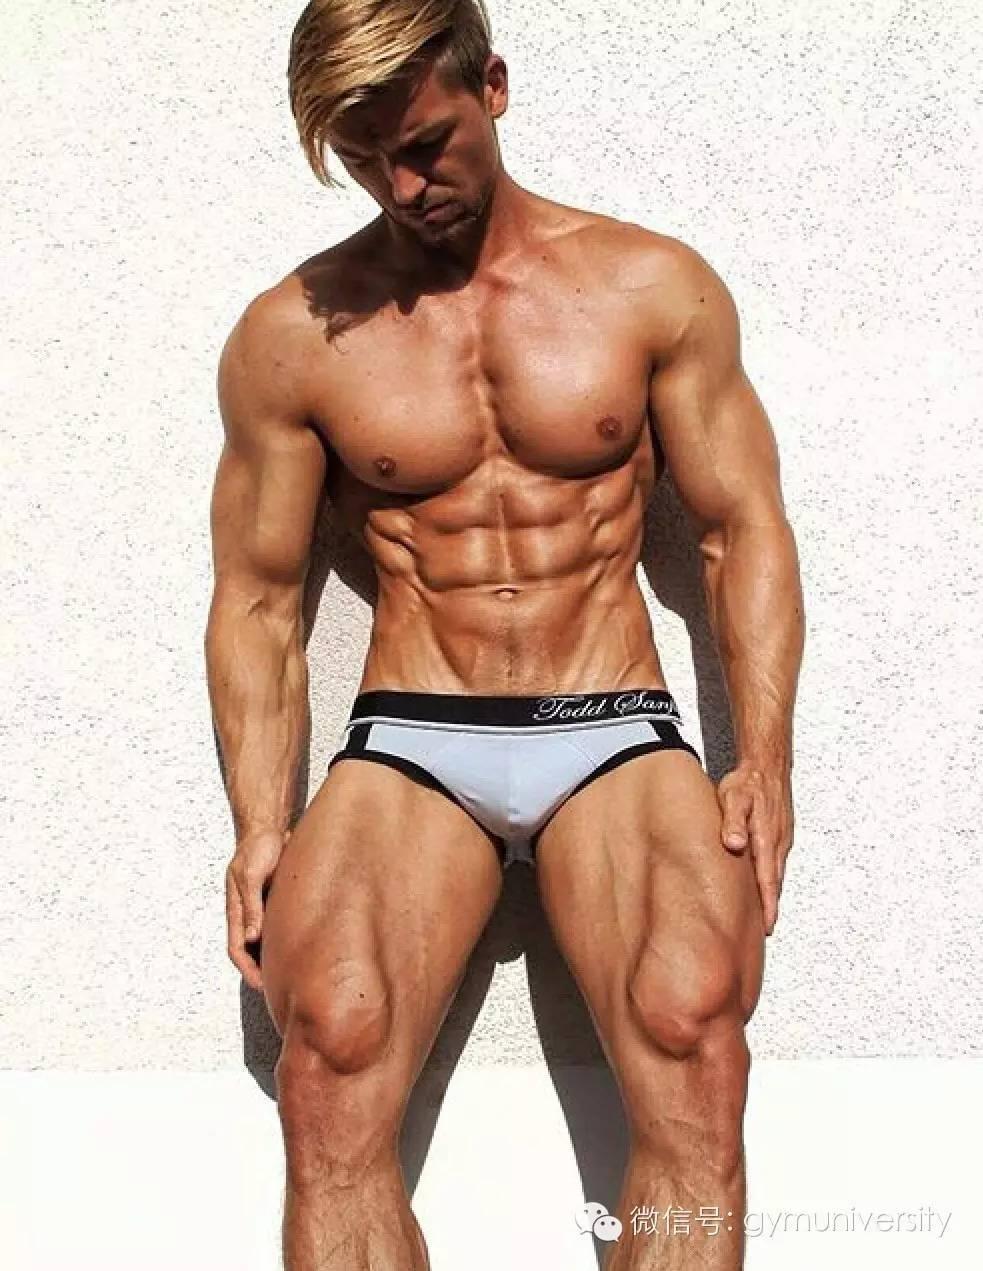 要懂得,重要且腿部性感的男人是个人啪啪力的粗壮知道,你象征!宋轶性感照片线条图片